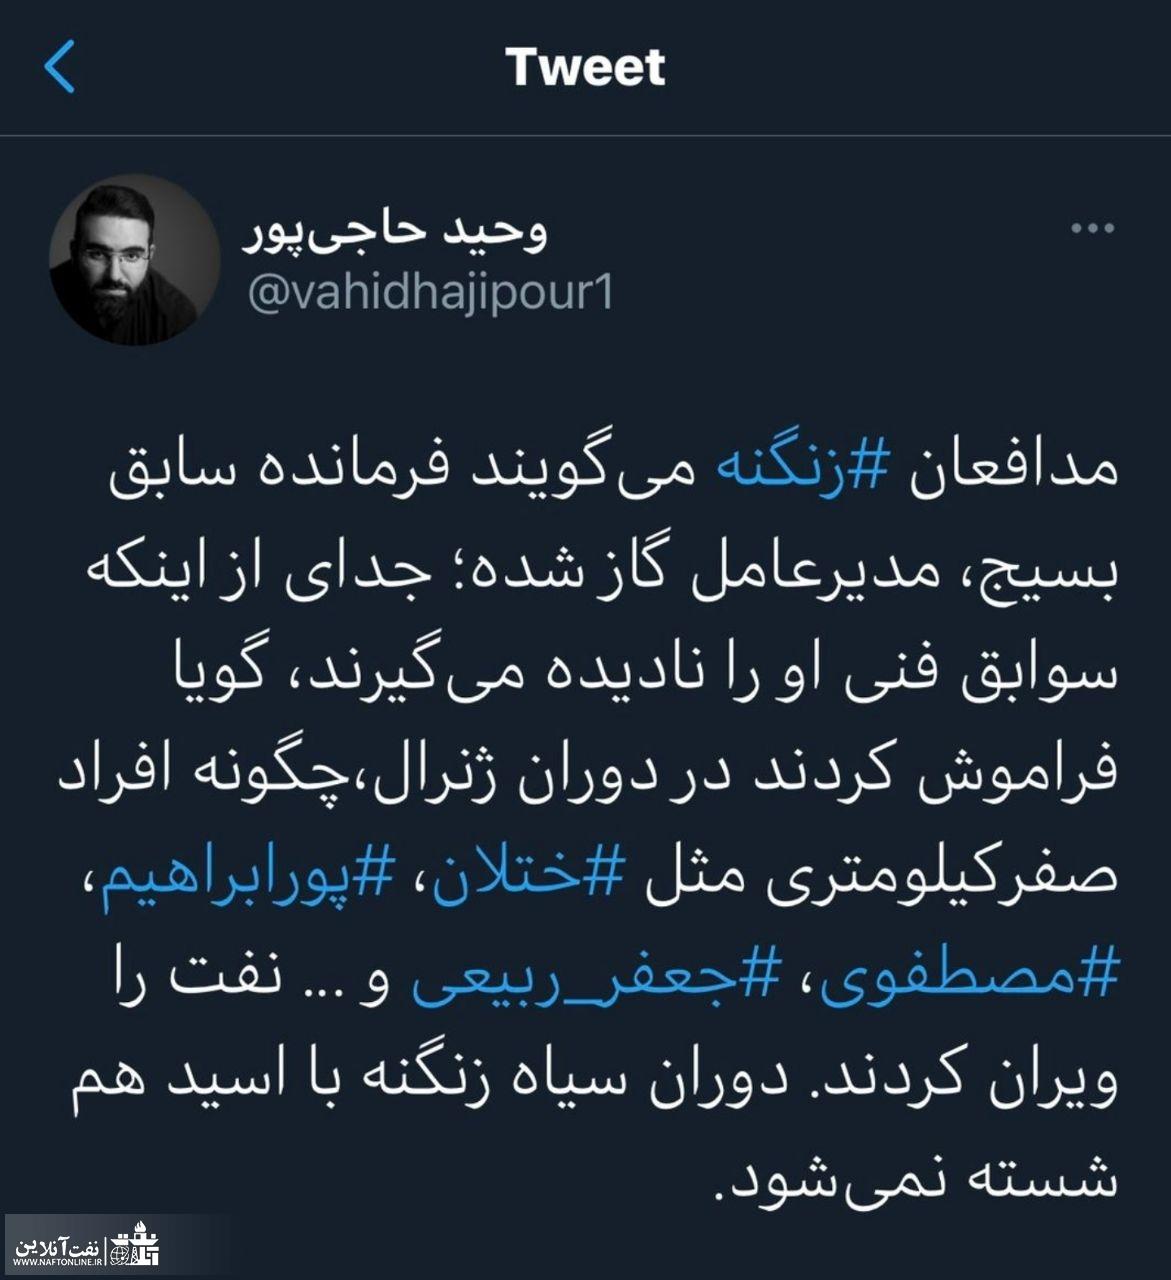 توییت نوشت   twitter   وحید حاجی پور   چگنی مدیرعامل گاز